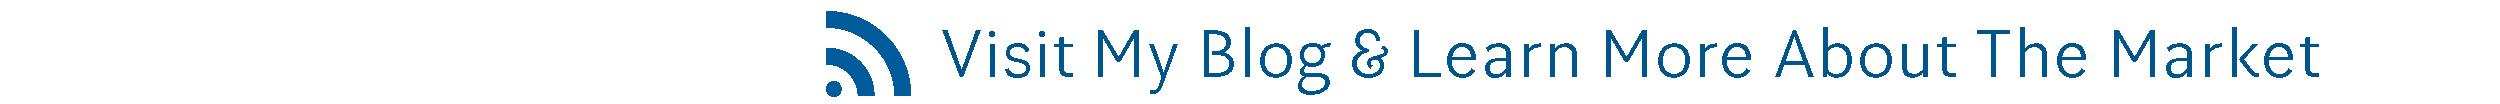 Cynthia Mullins HAR Blog